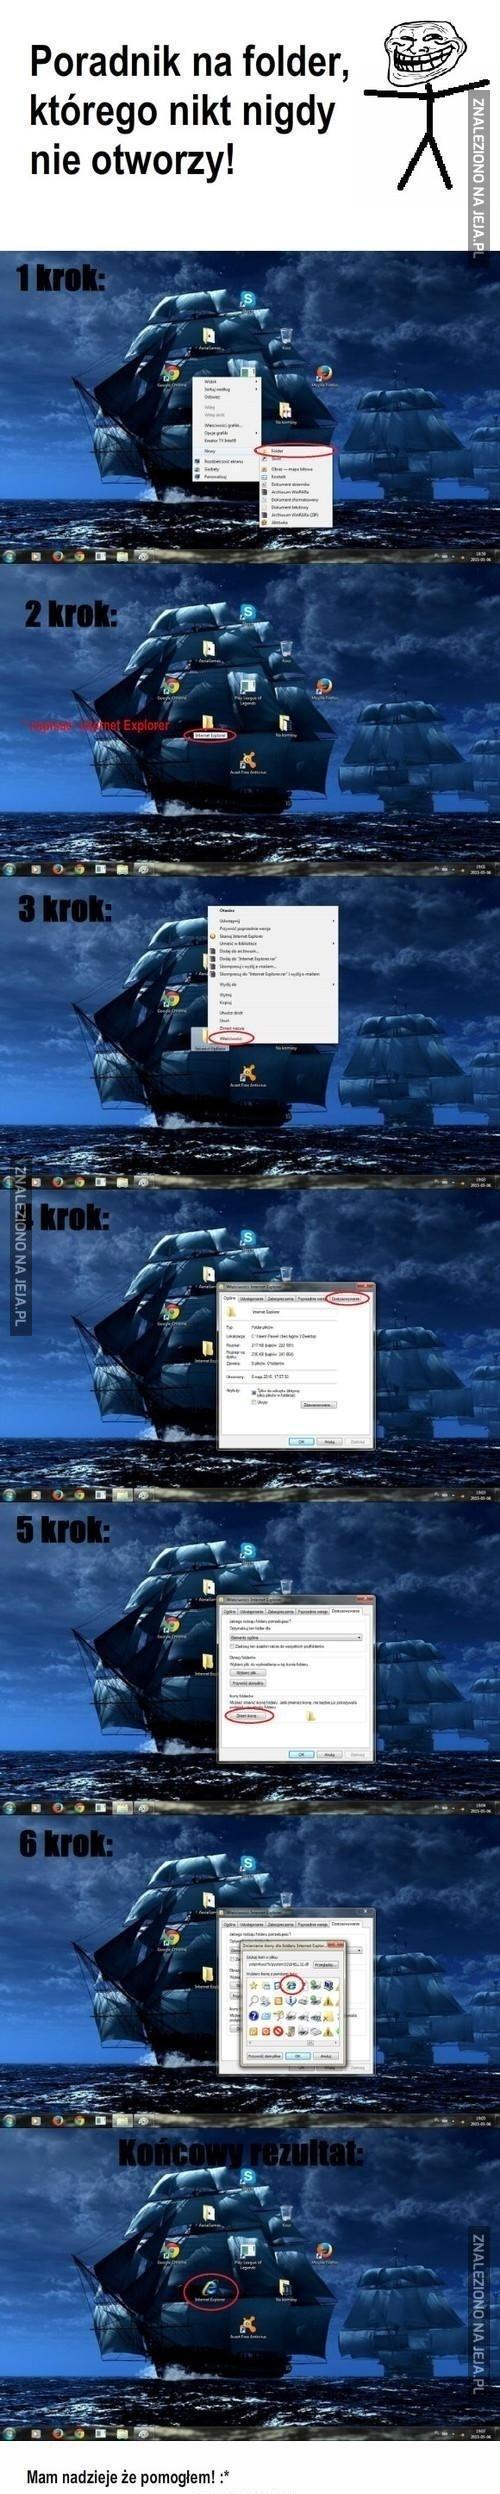 Folder, którego nikt nigdy nie otworzy